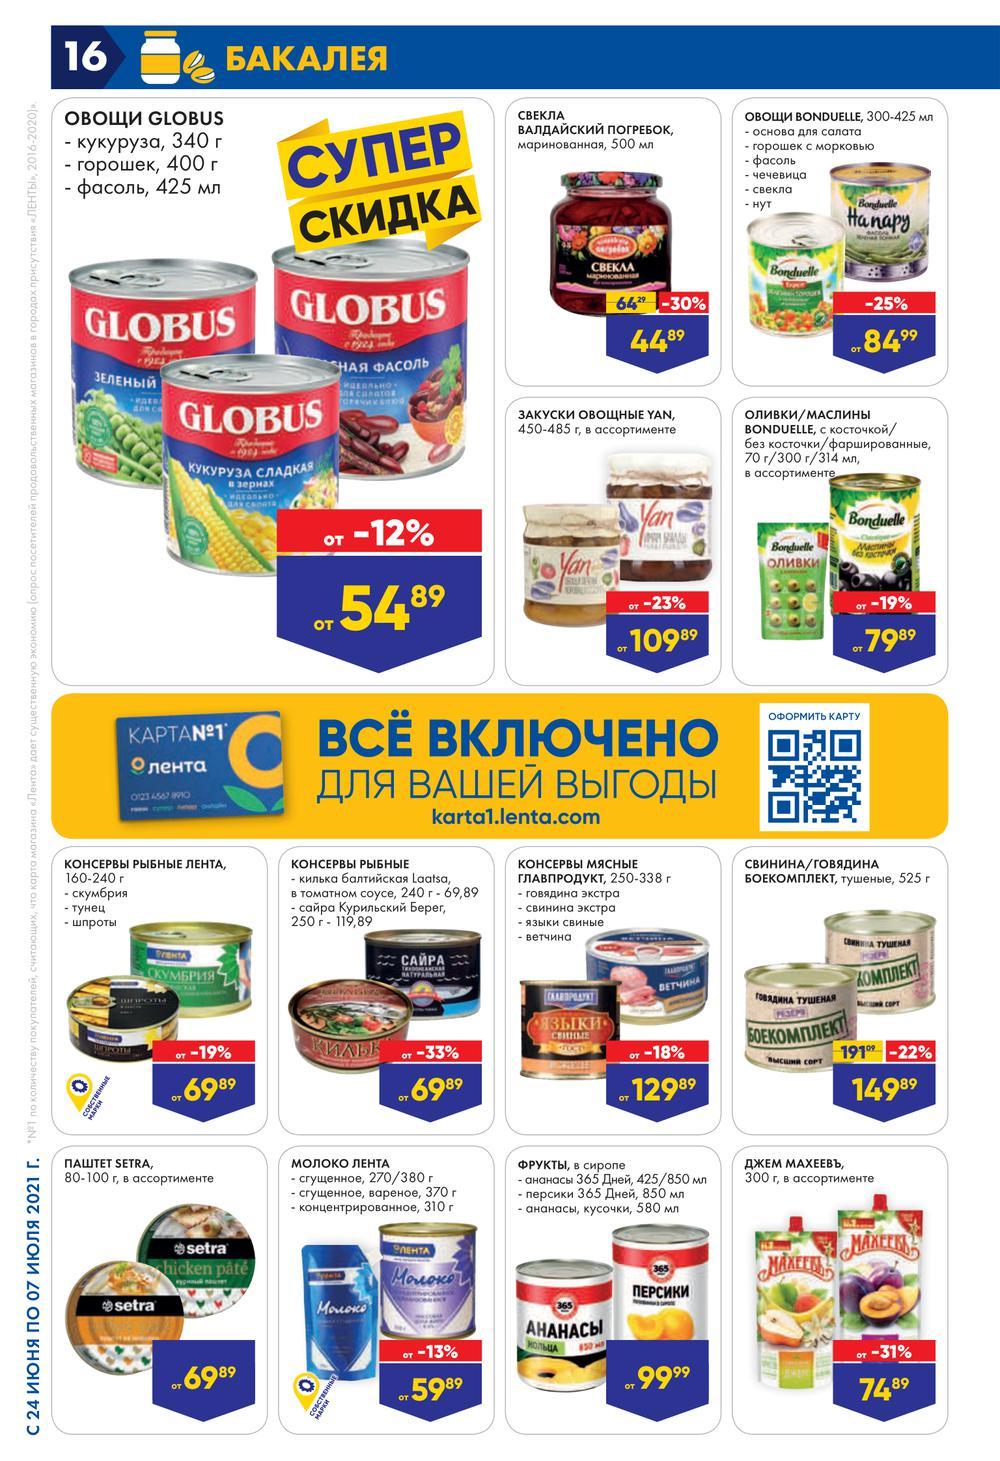 теплицы иркутск официальный сайт цены